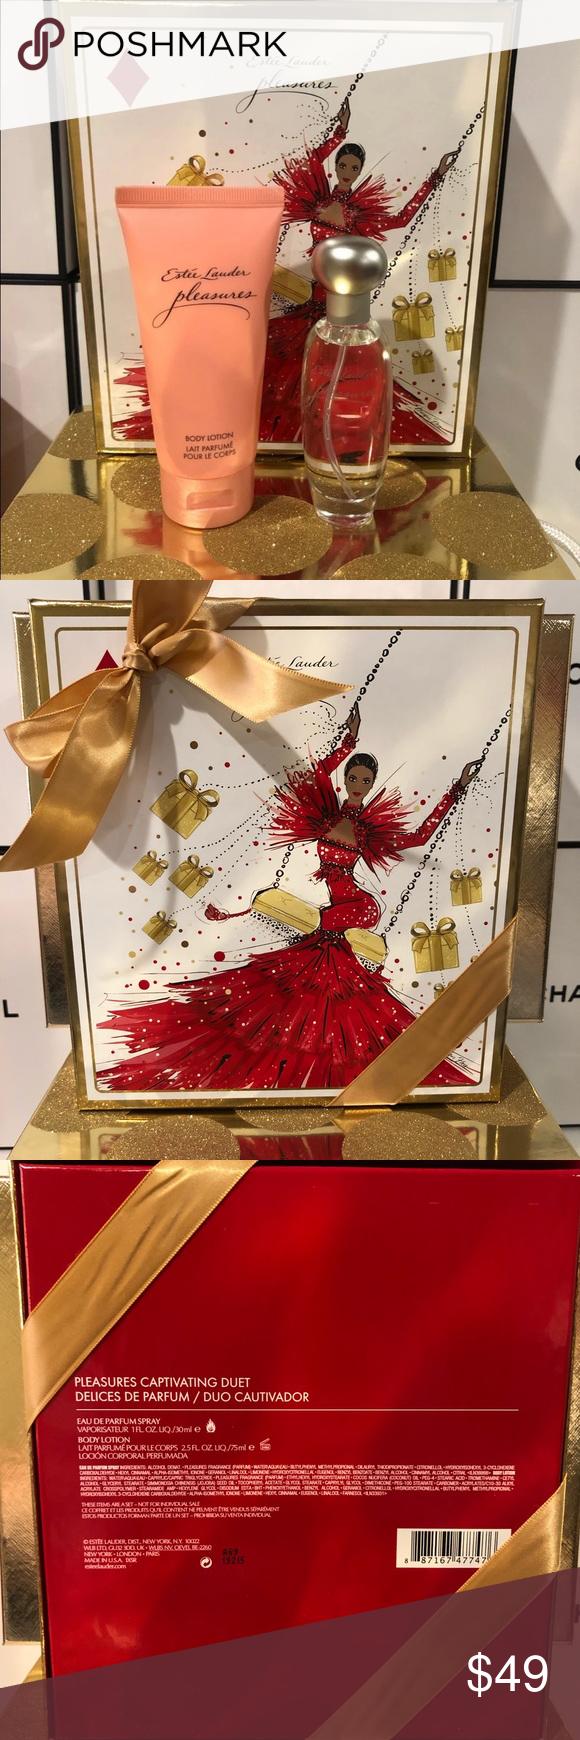 Estée Lauder Pleasures Set PRICE FIRM. 2019